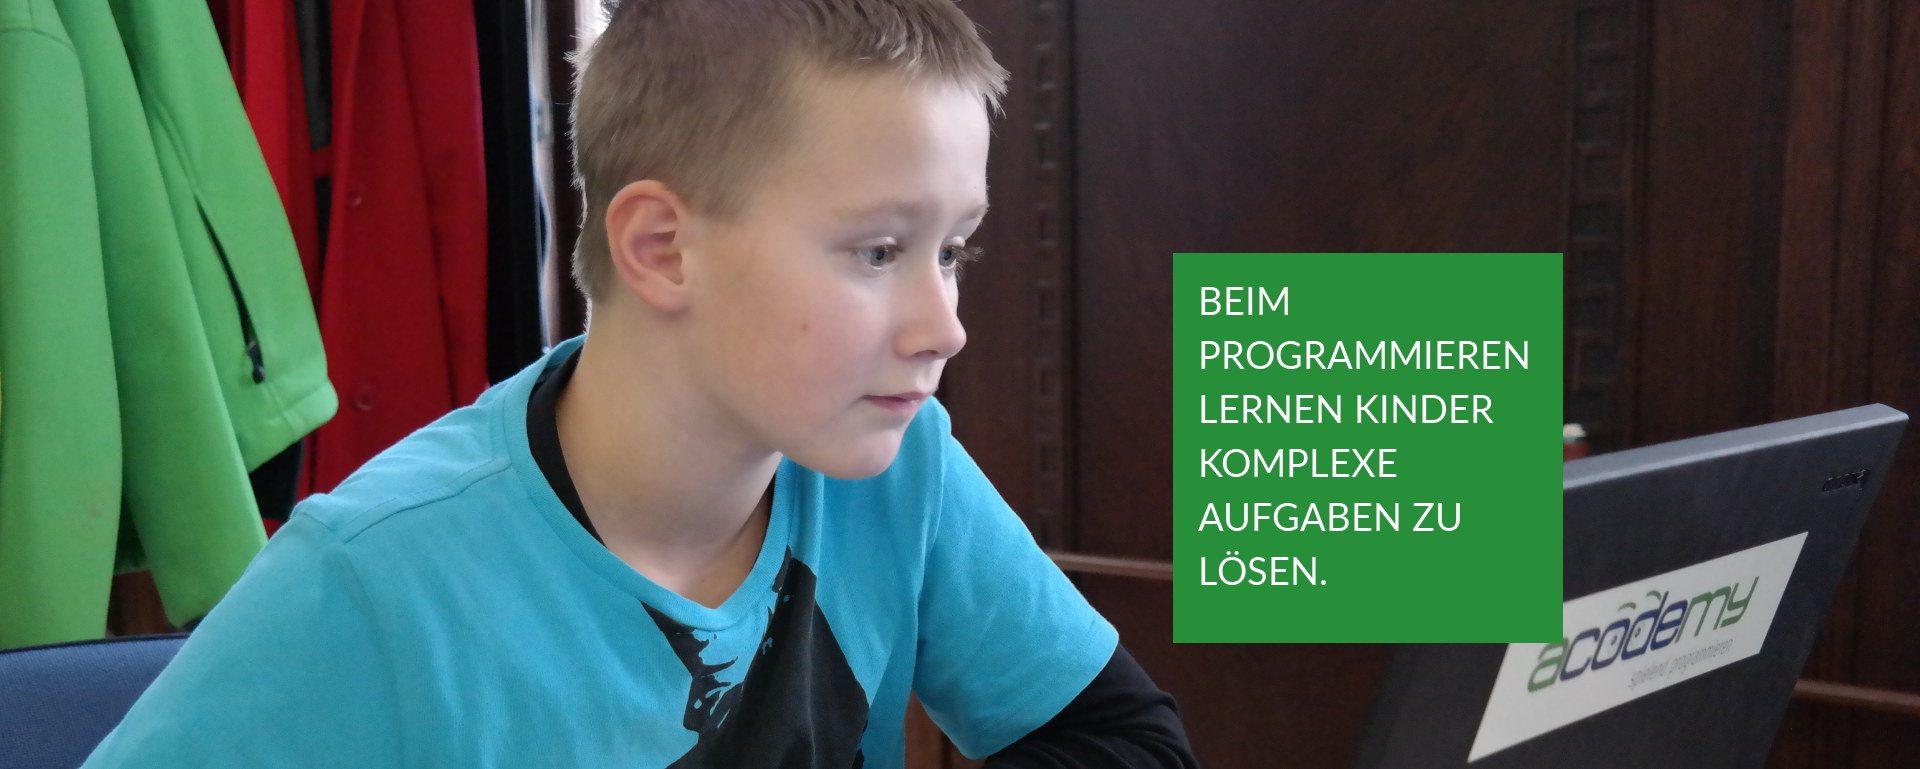 Beim Programmieren lernen Kinder komplexe Aufgaben zu lösen